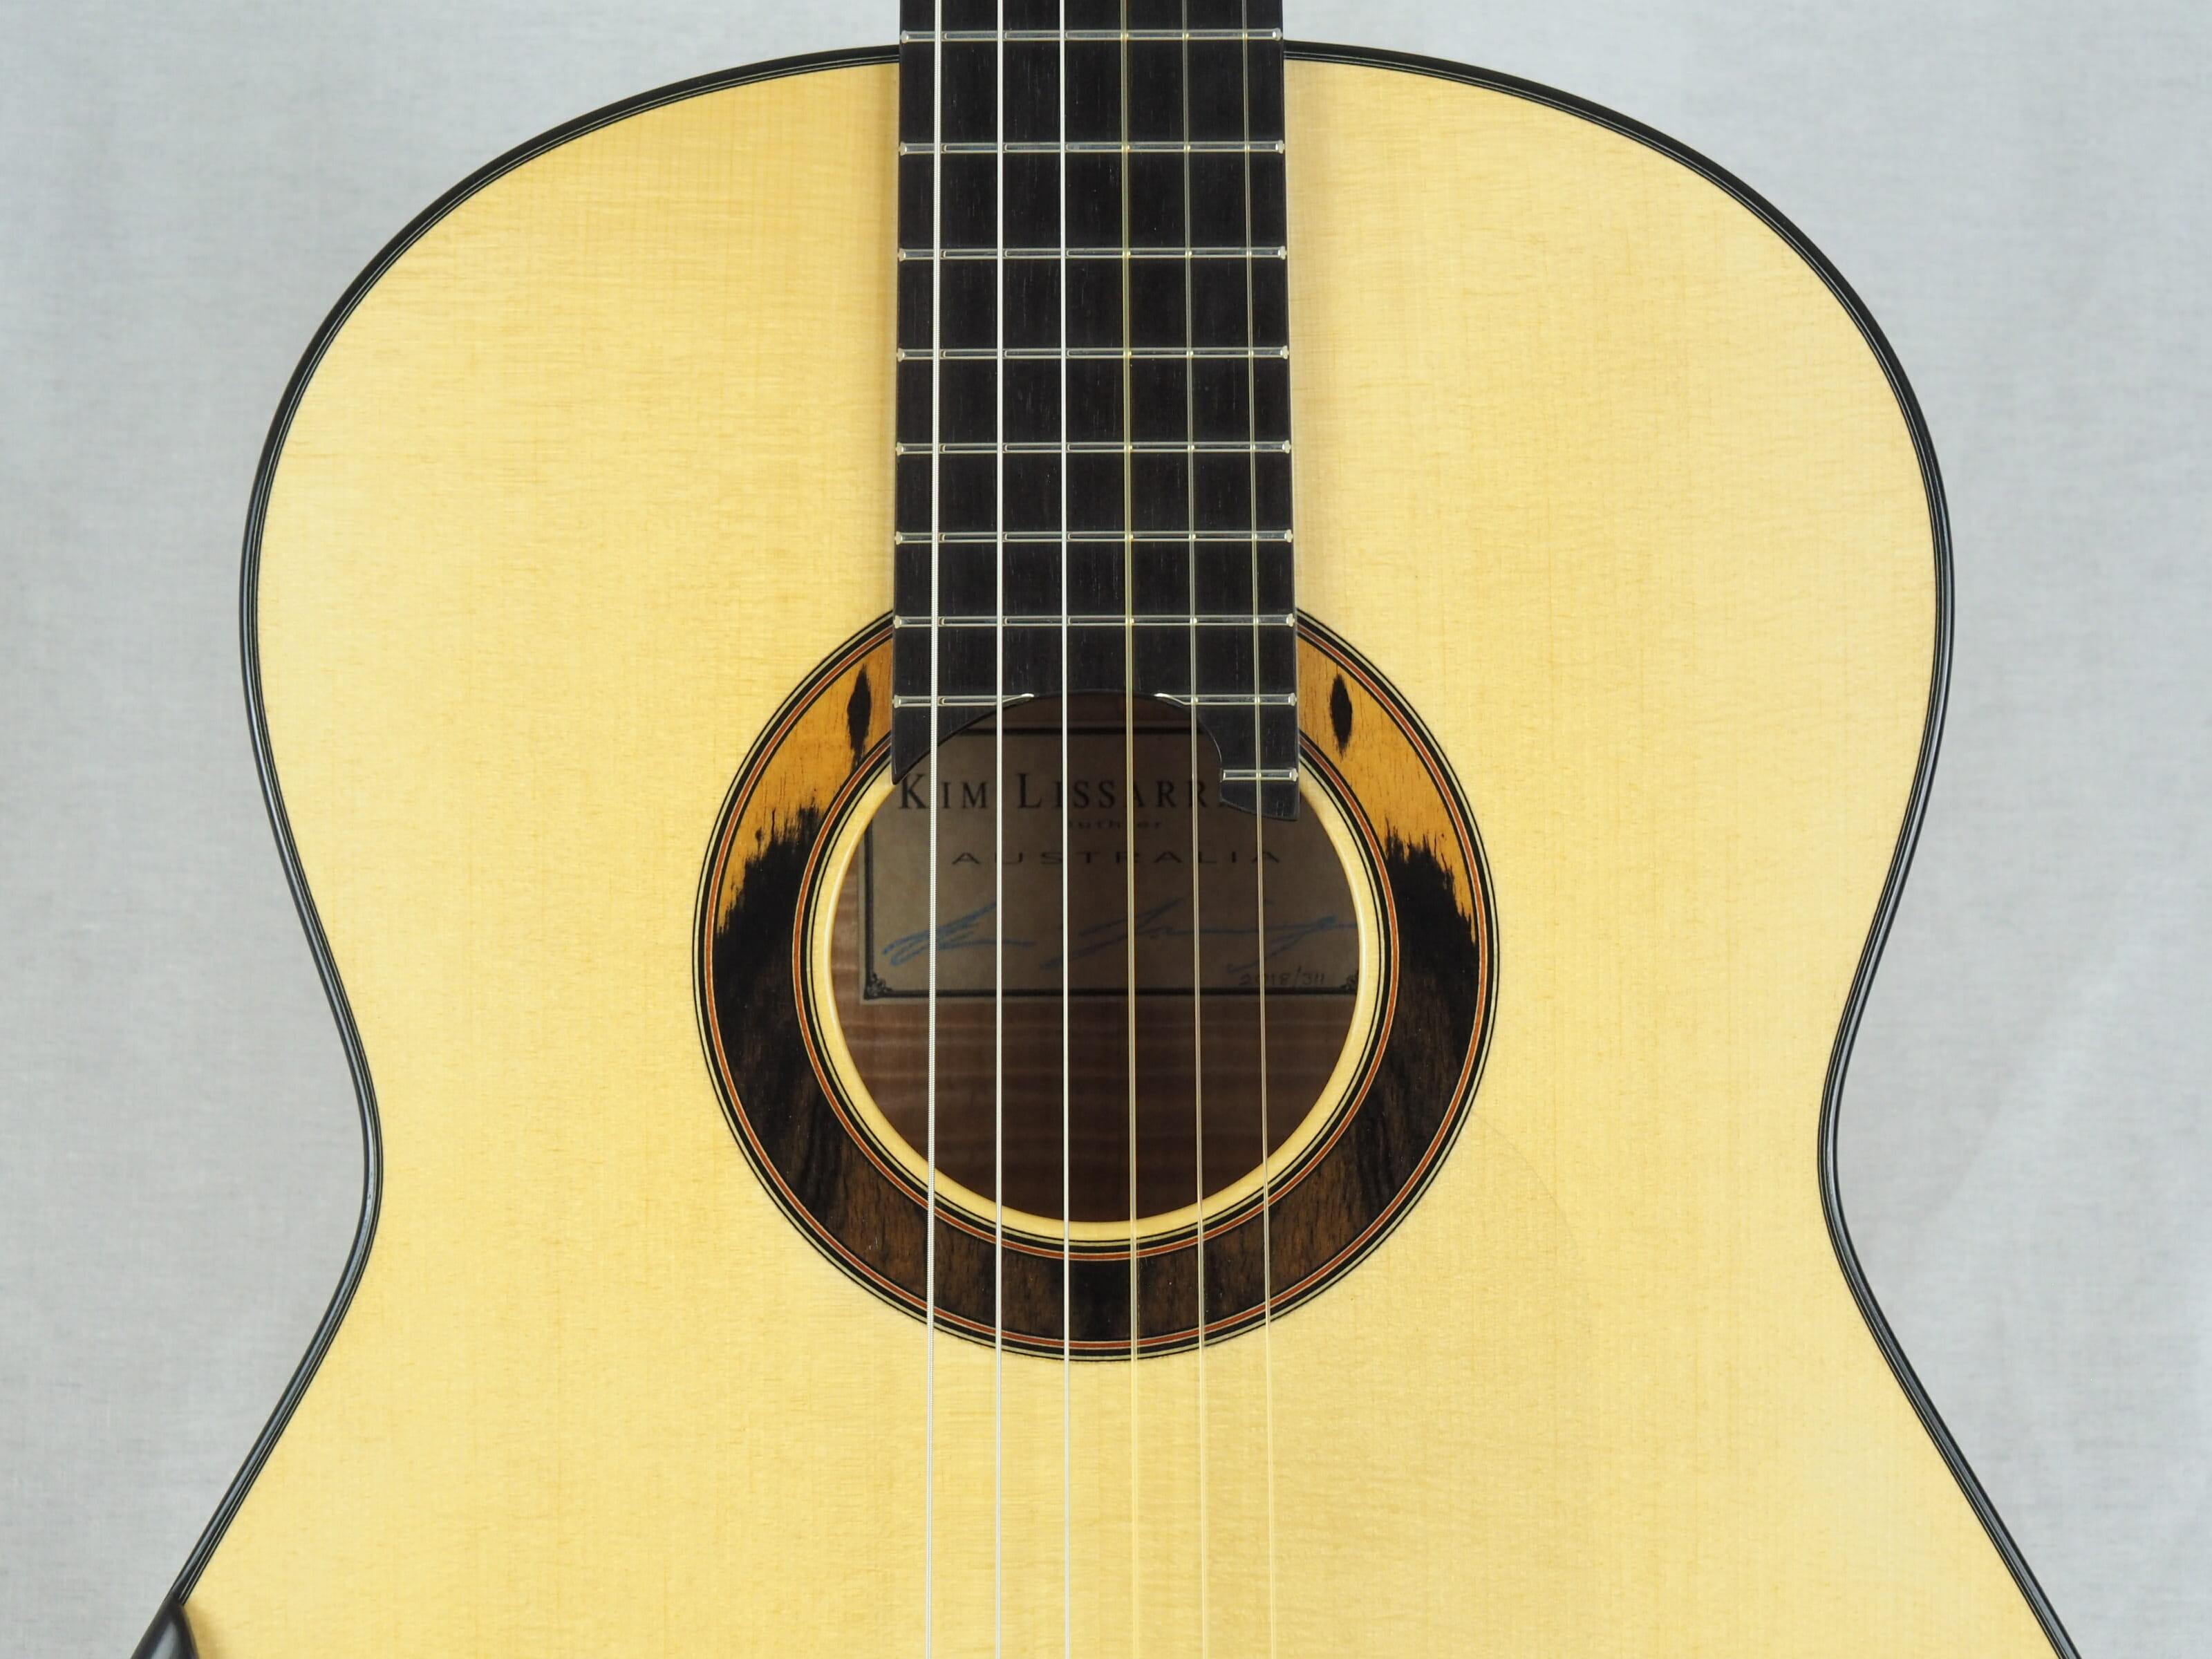 Kim Lissarrague guitare classique luthier No 19LIS311-16